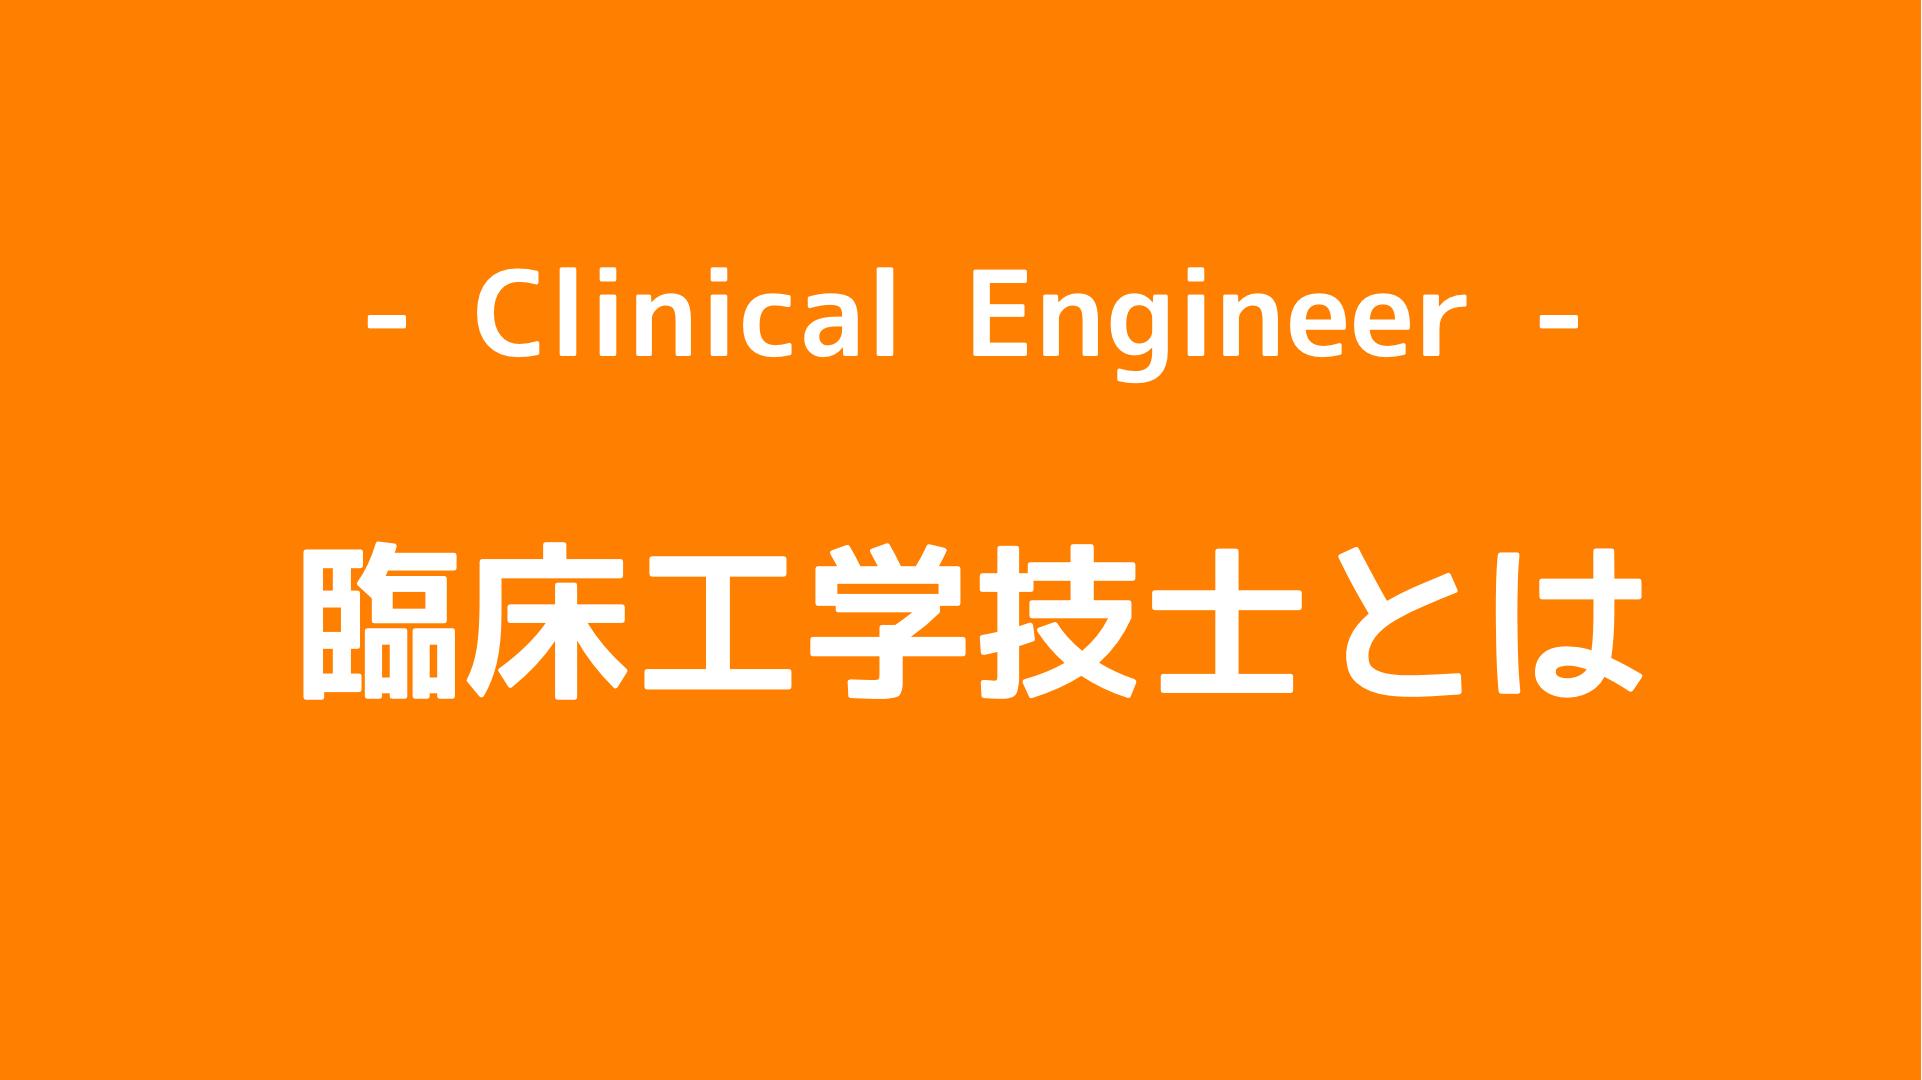 臨床工学技士とは